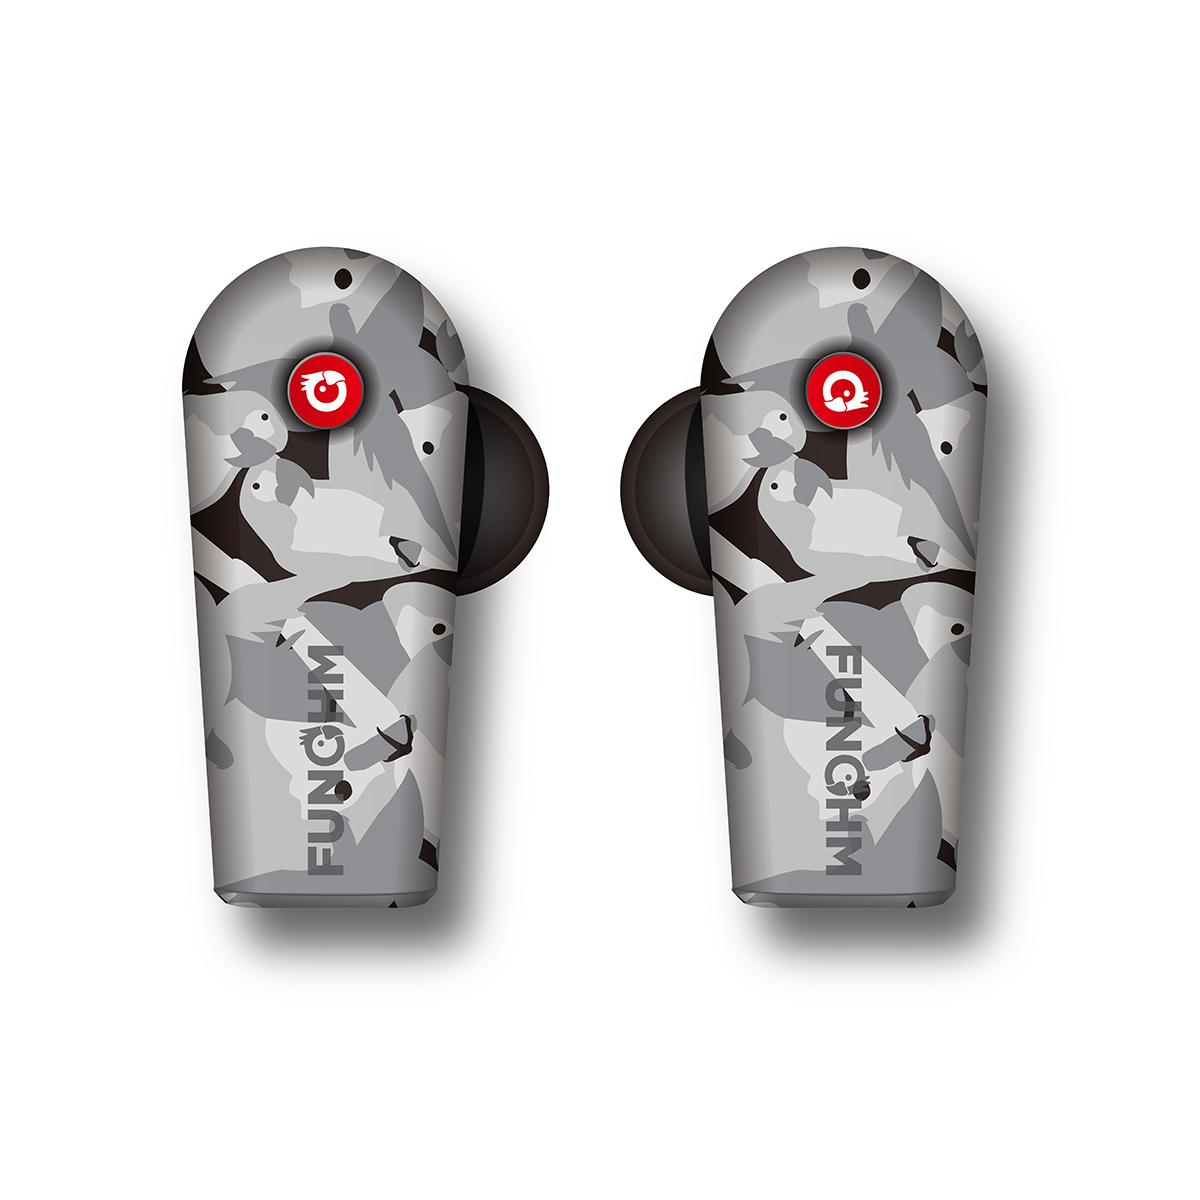 ワイヤレスイヤホンの「3大イライラ」を解決!|新発想!耳から落ちない、音が途切れない、20時間再生OKのワイヤレスイヤホン|FUNOHM F2